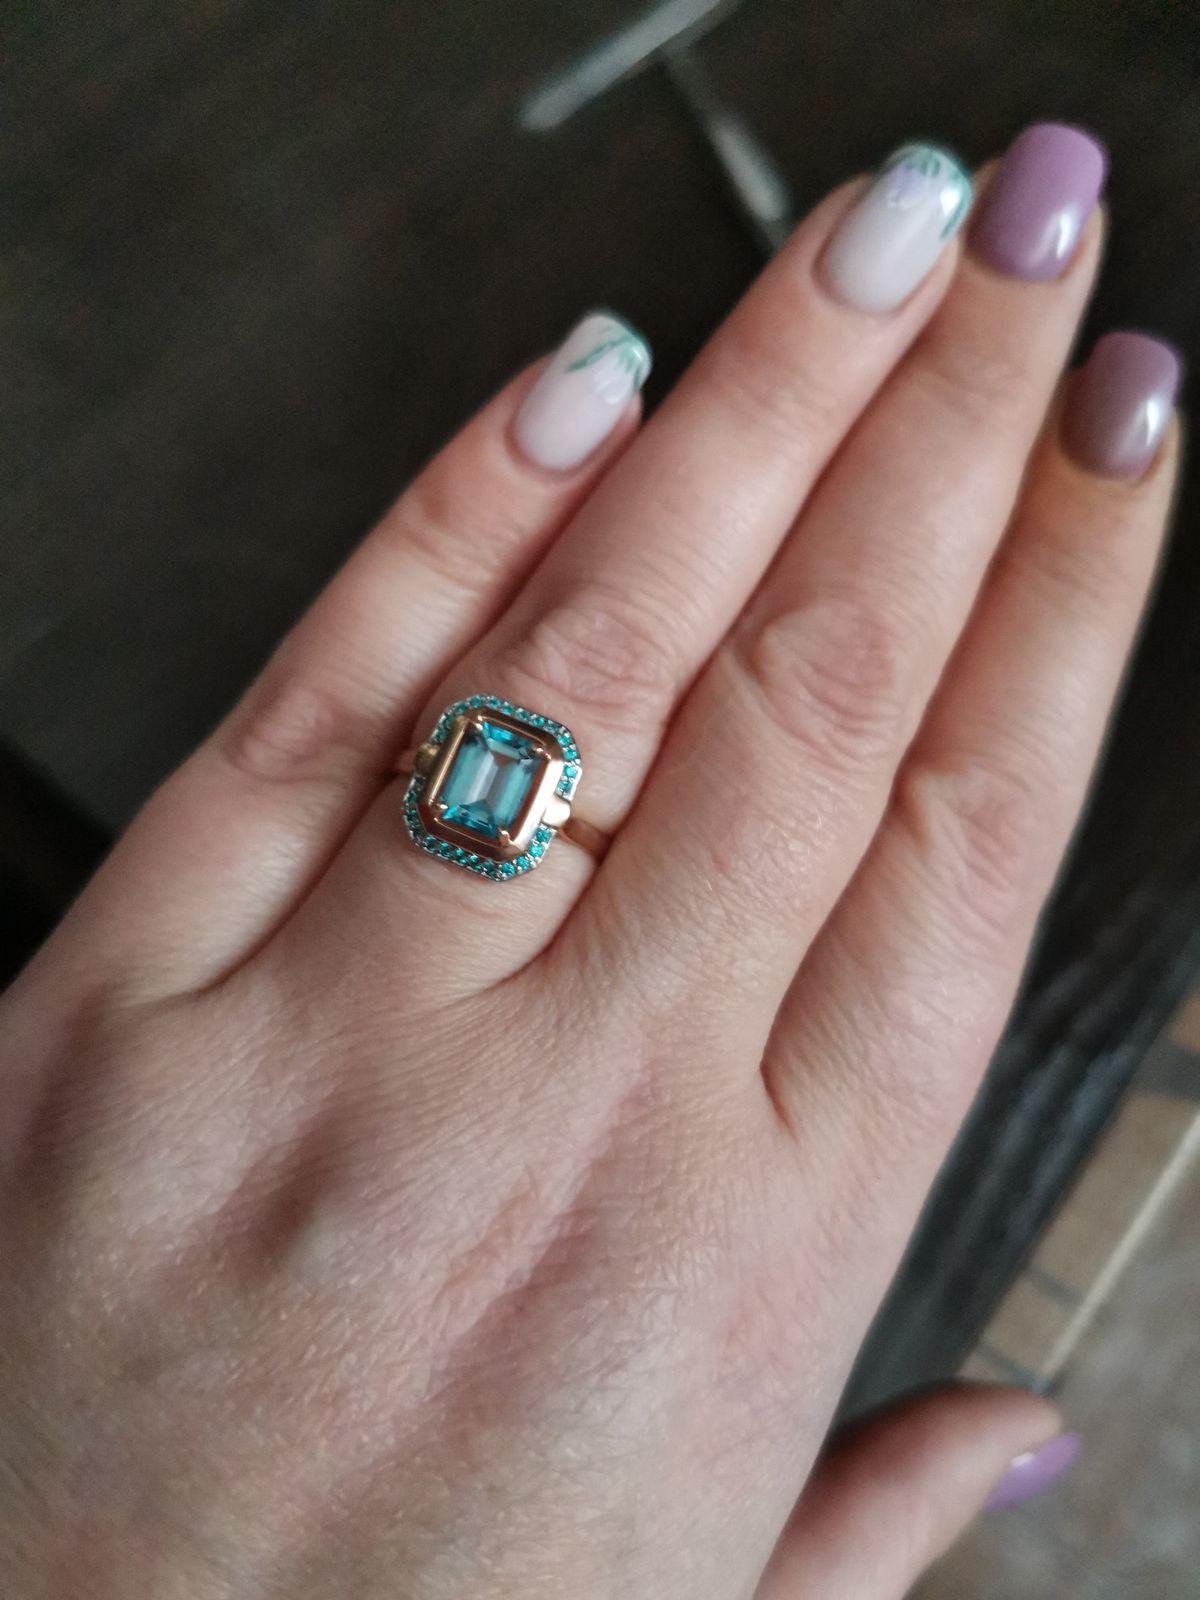 Очень красивое кольцо смотрится шикарно, заказали через интернет